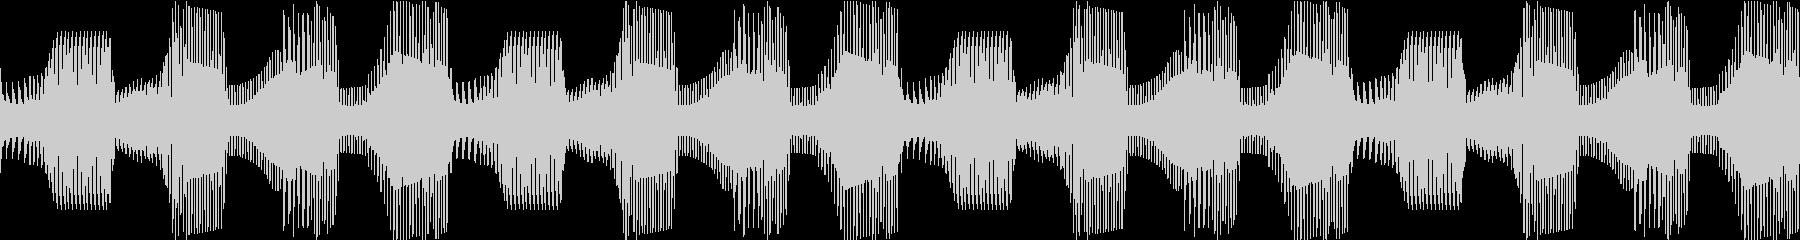 Techno ベース 9 音楽制作用の未再生の波形